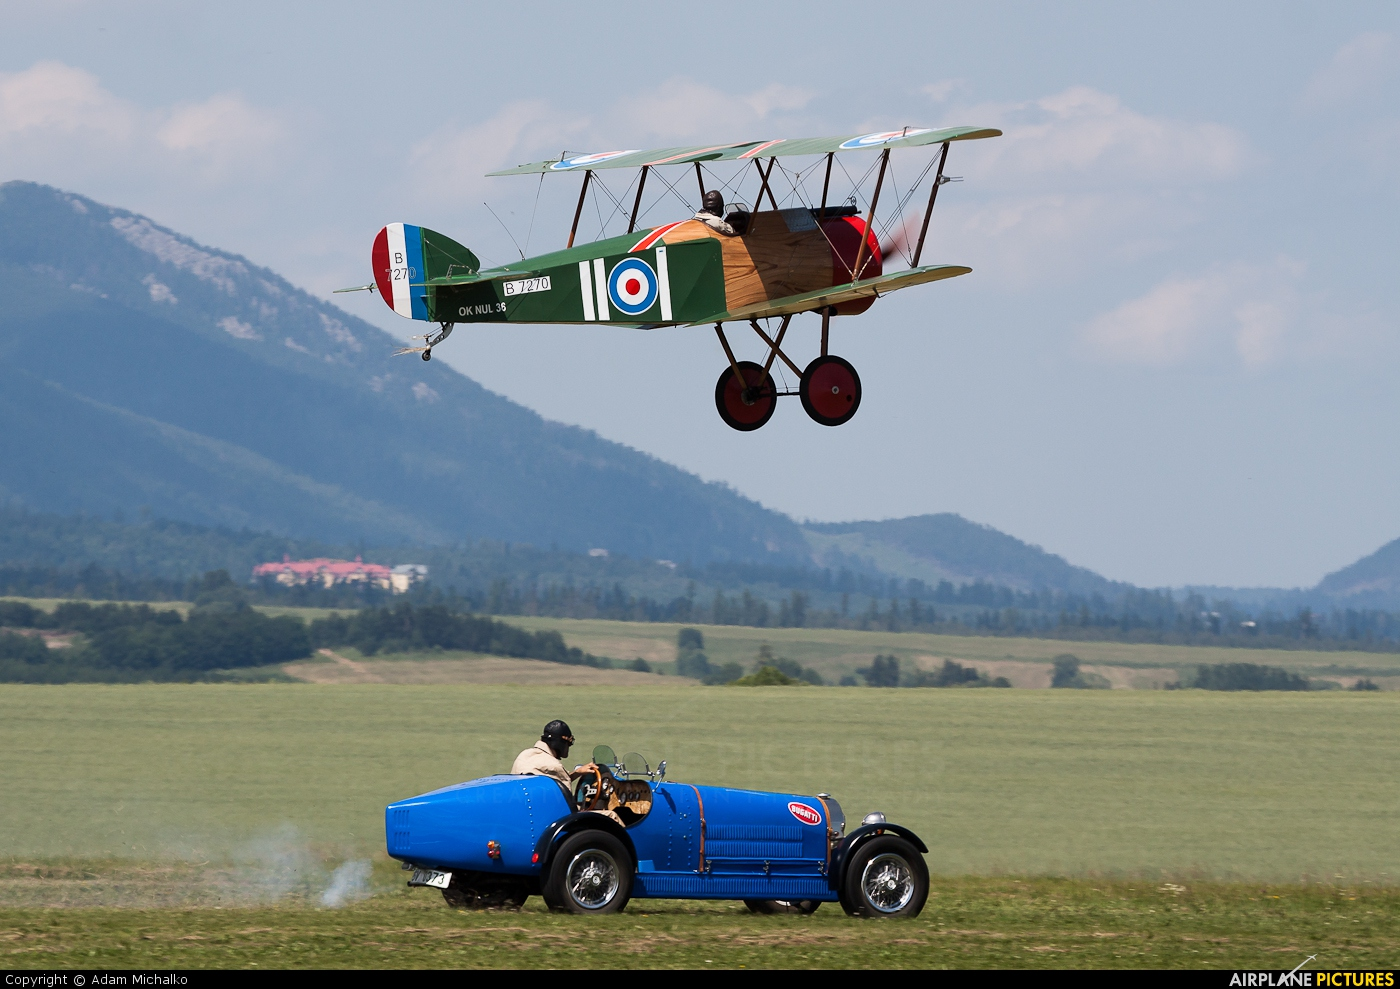 Letajici Cirkus OK-NUL 35 aircraft at Poprad - Tatry